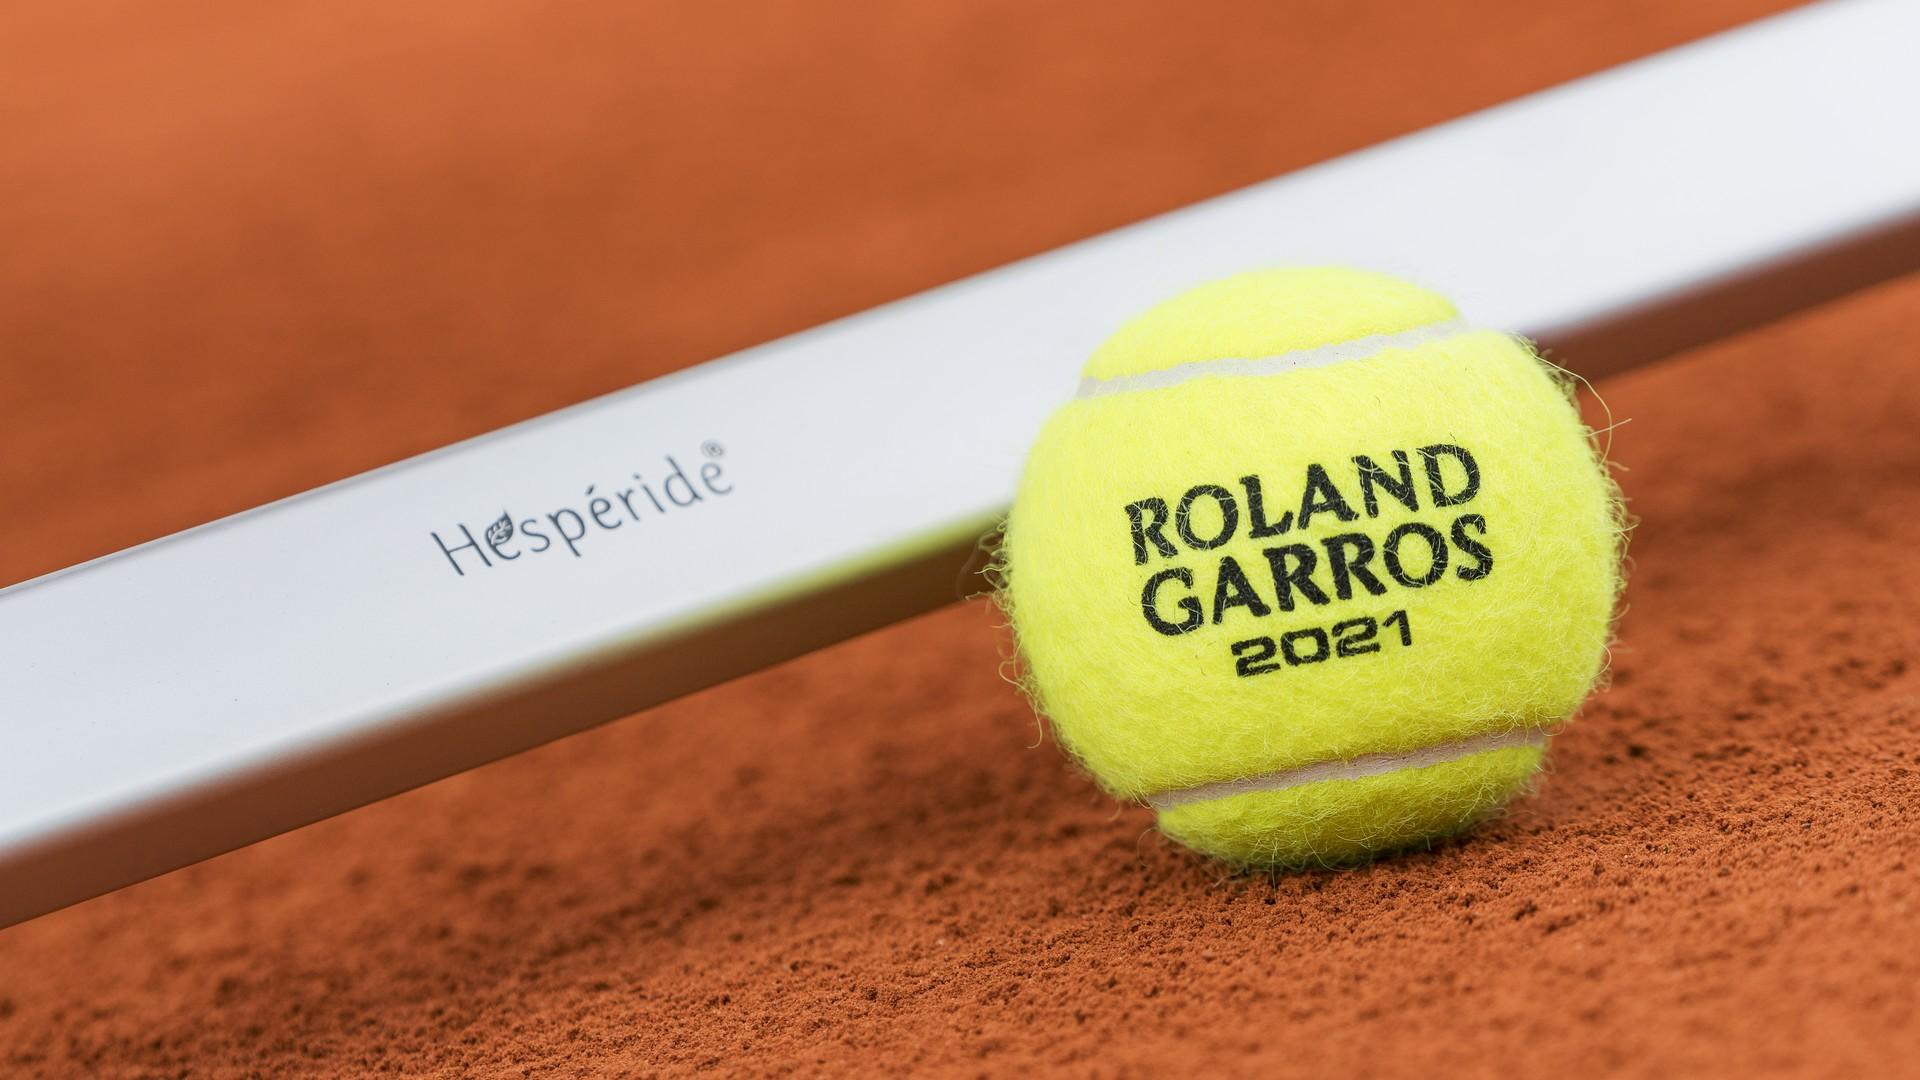 Hesperides (1) x Roland Garros (tennis) 2021